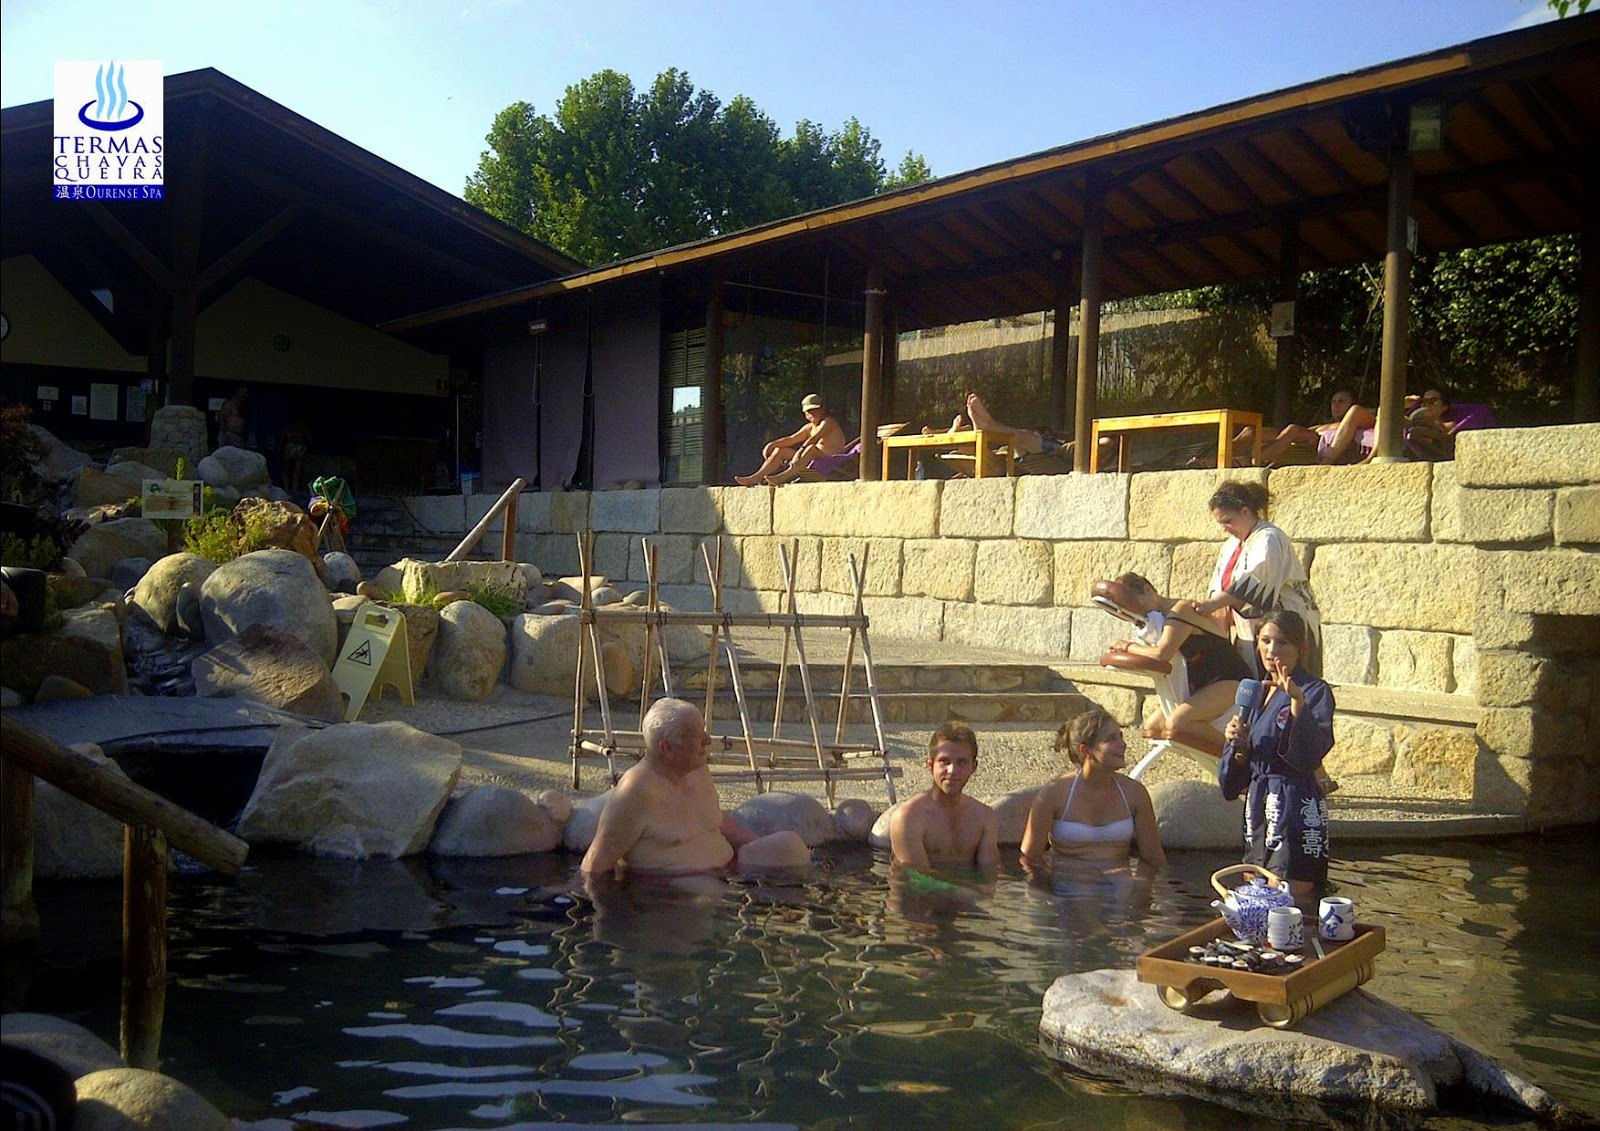 Termas Chavasqueira, España Directo, Spa, Onsen, Ourense